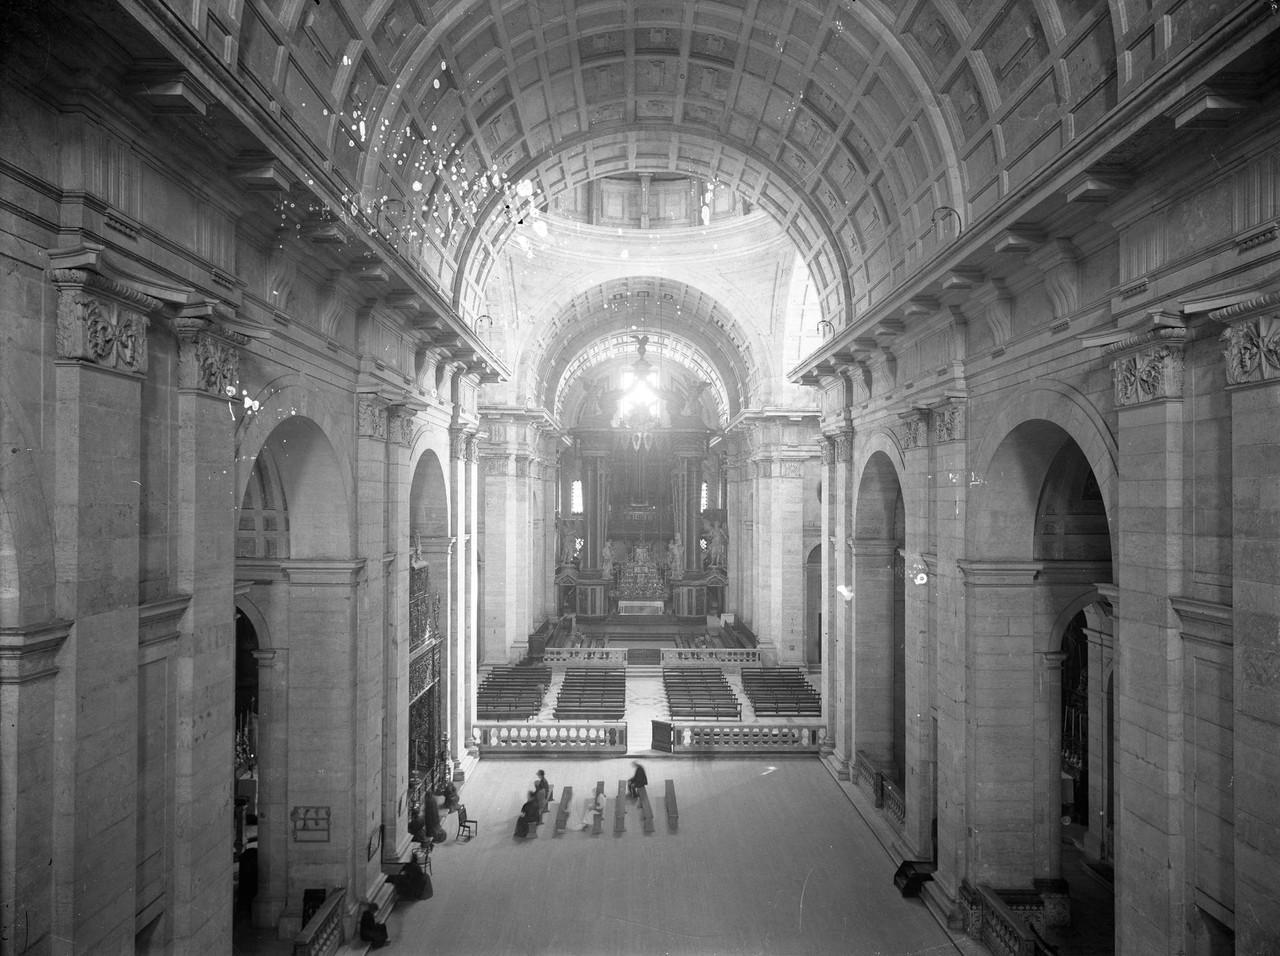 Igreja de São Vicente de Fora, interior, fotógra